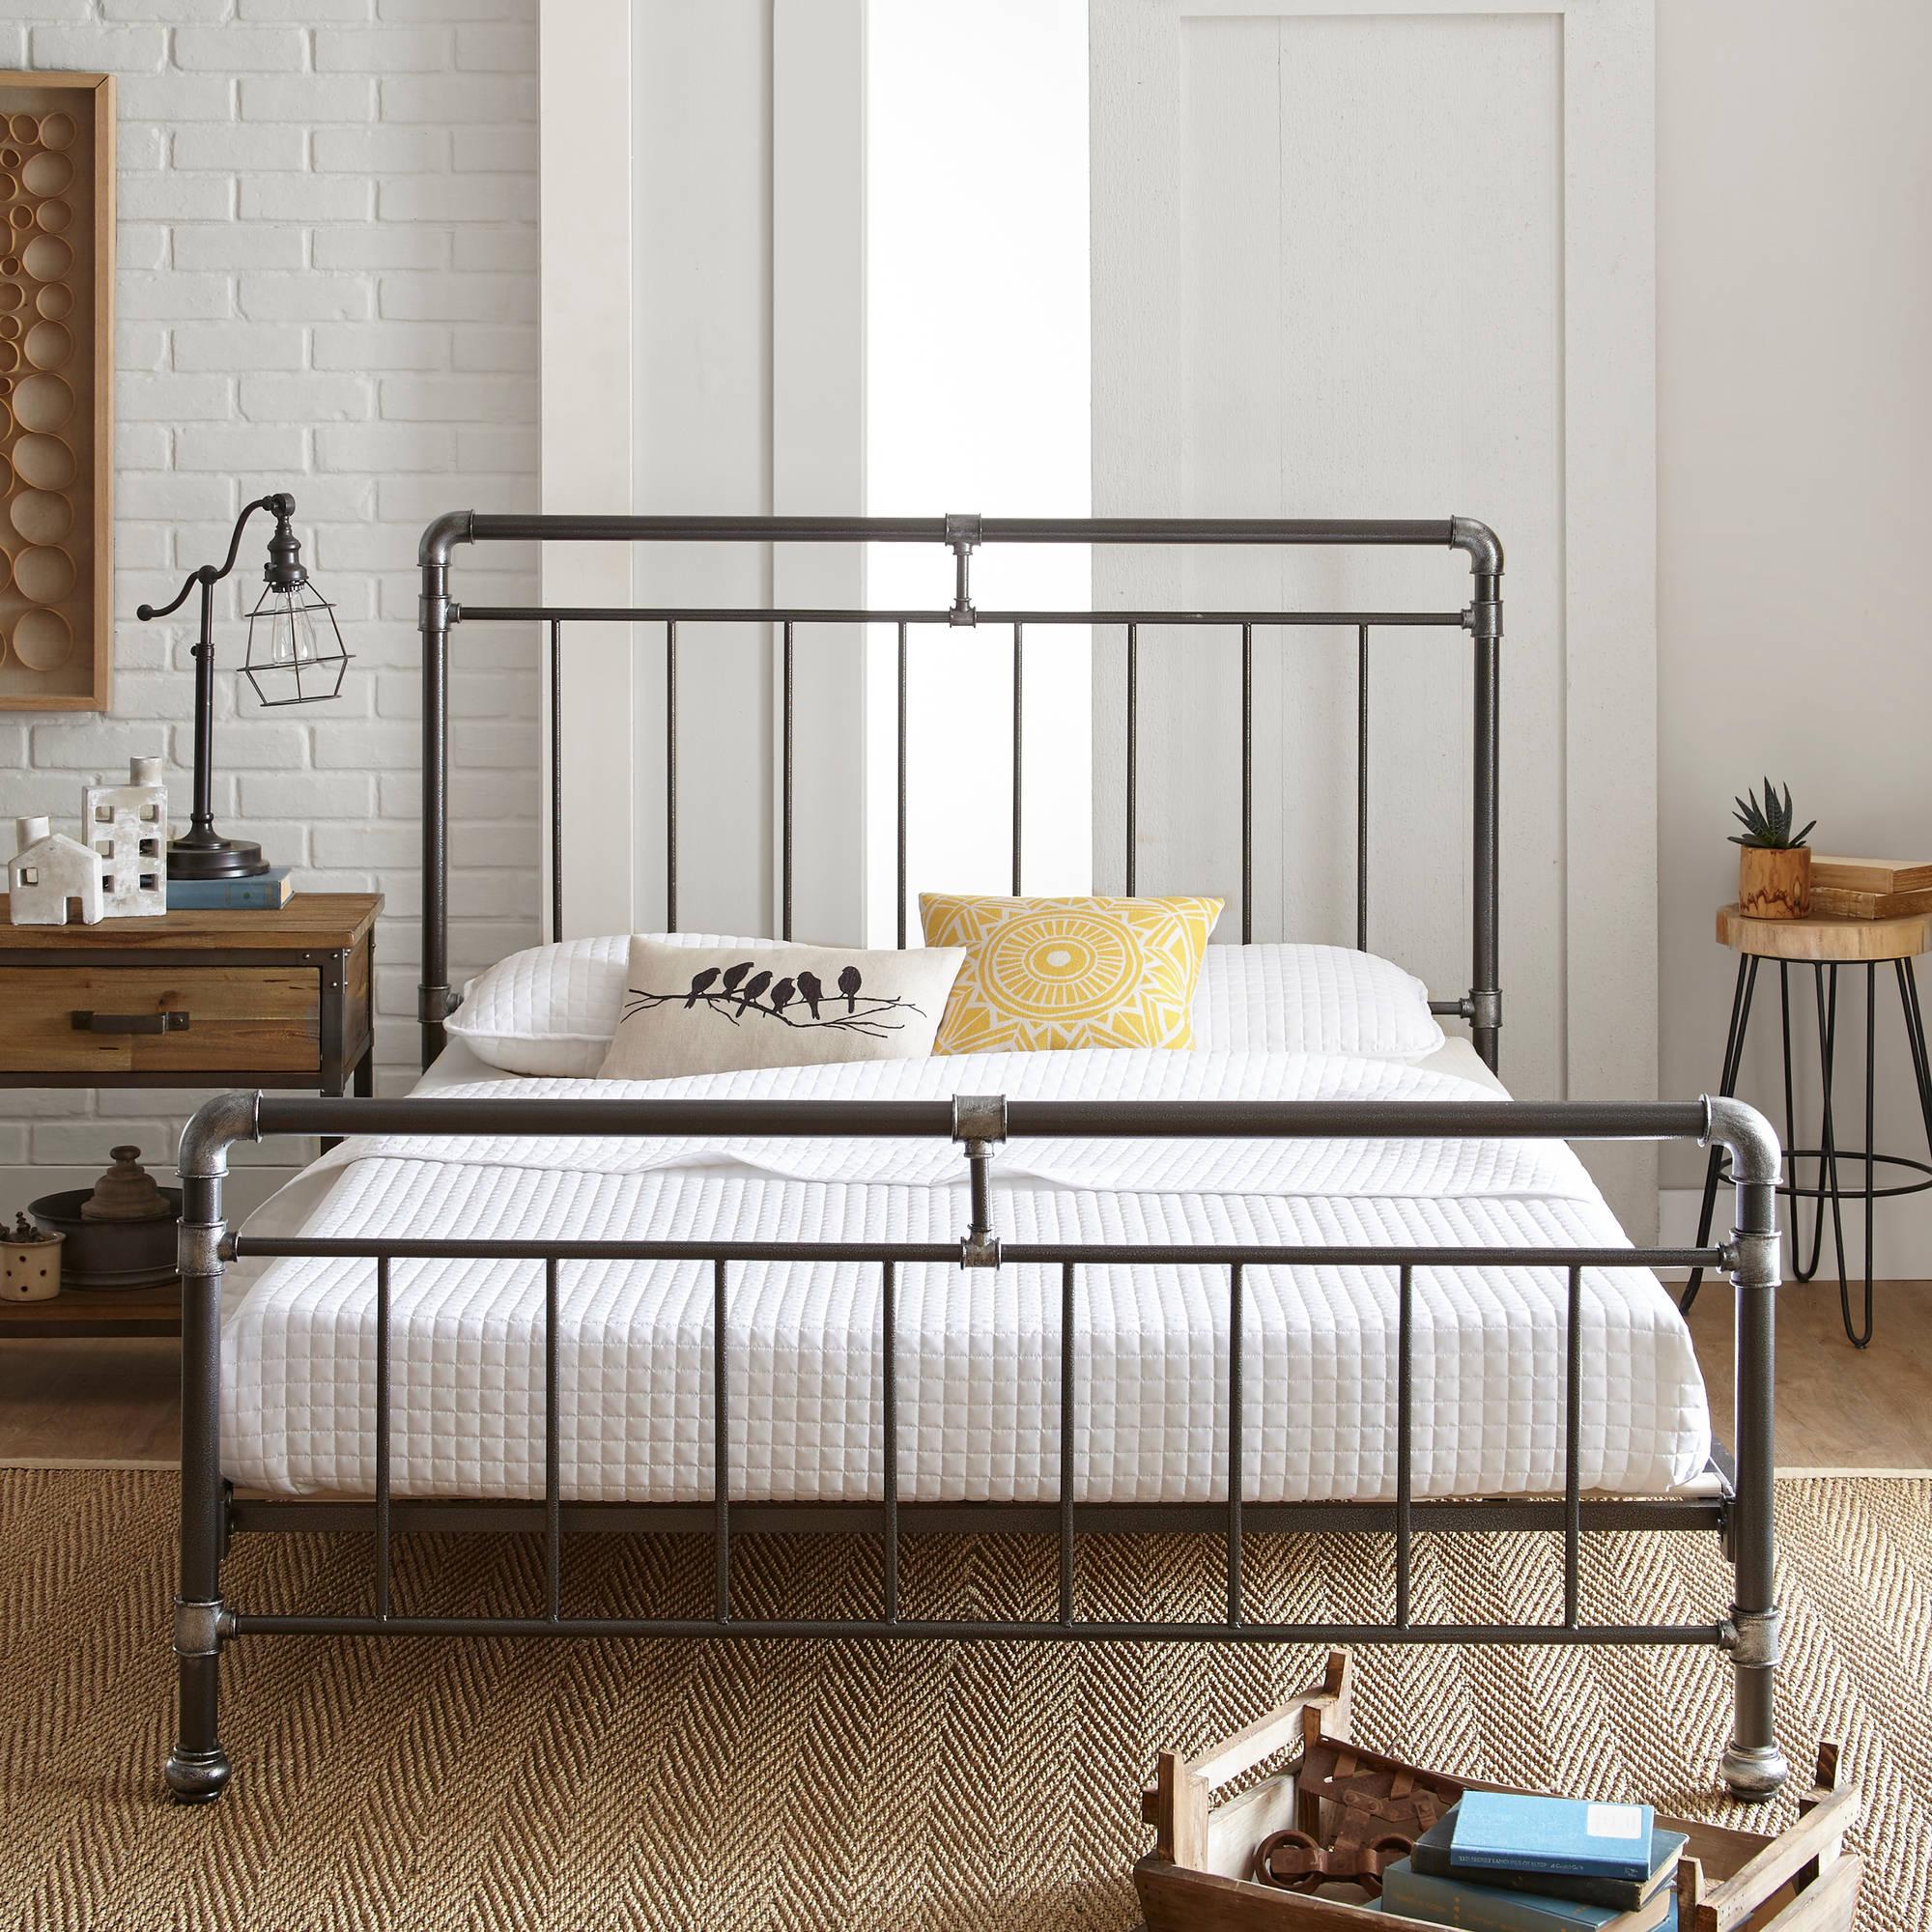 Platform Bed Frames Metal premier vintage pipeworks queen metal platform bed frame - walmart